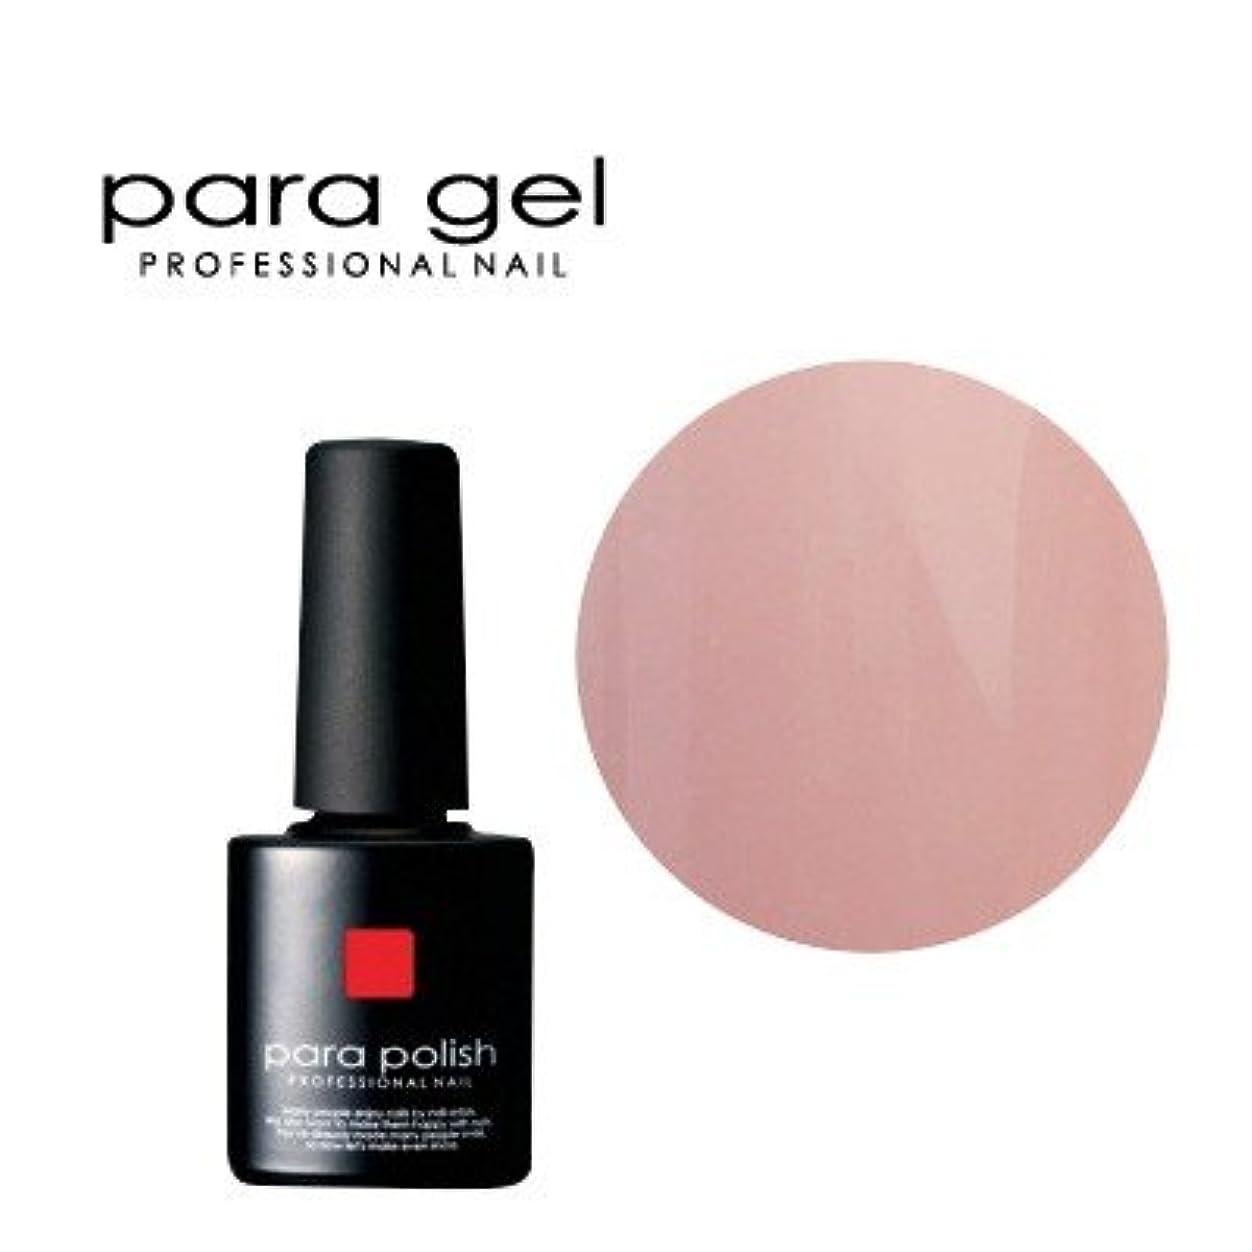 ペックシャベル罹患率パラジェル para polish(パラポリッシュ) カラージェル M16 ミディアムピンク 7g